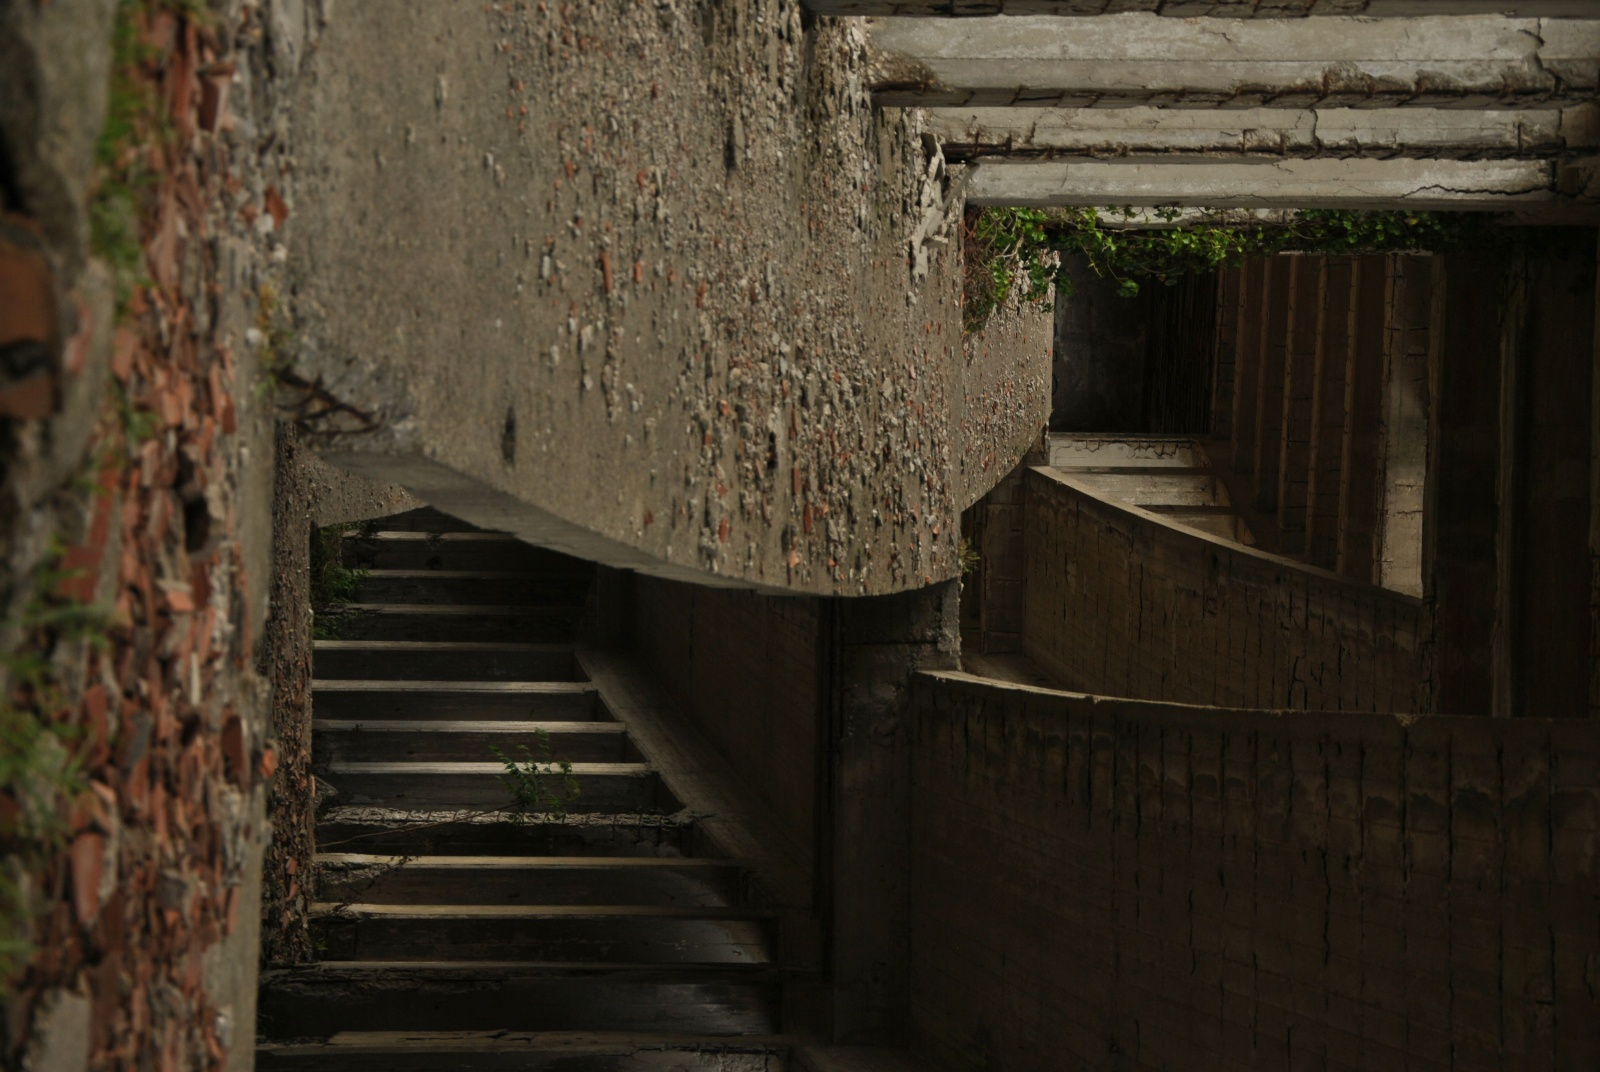 Materia (2011)